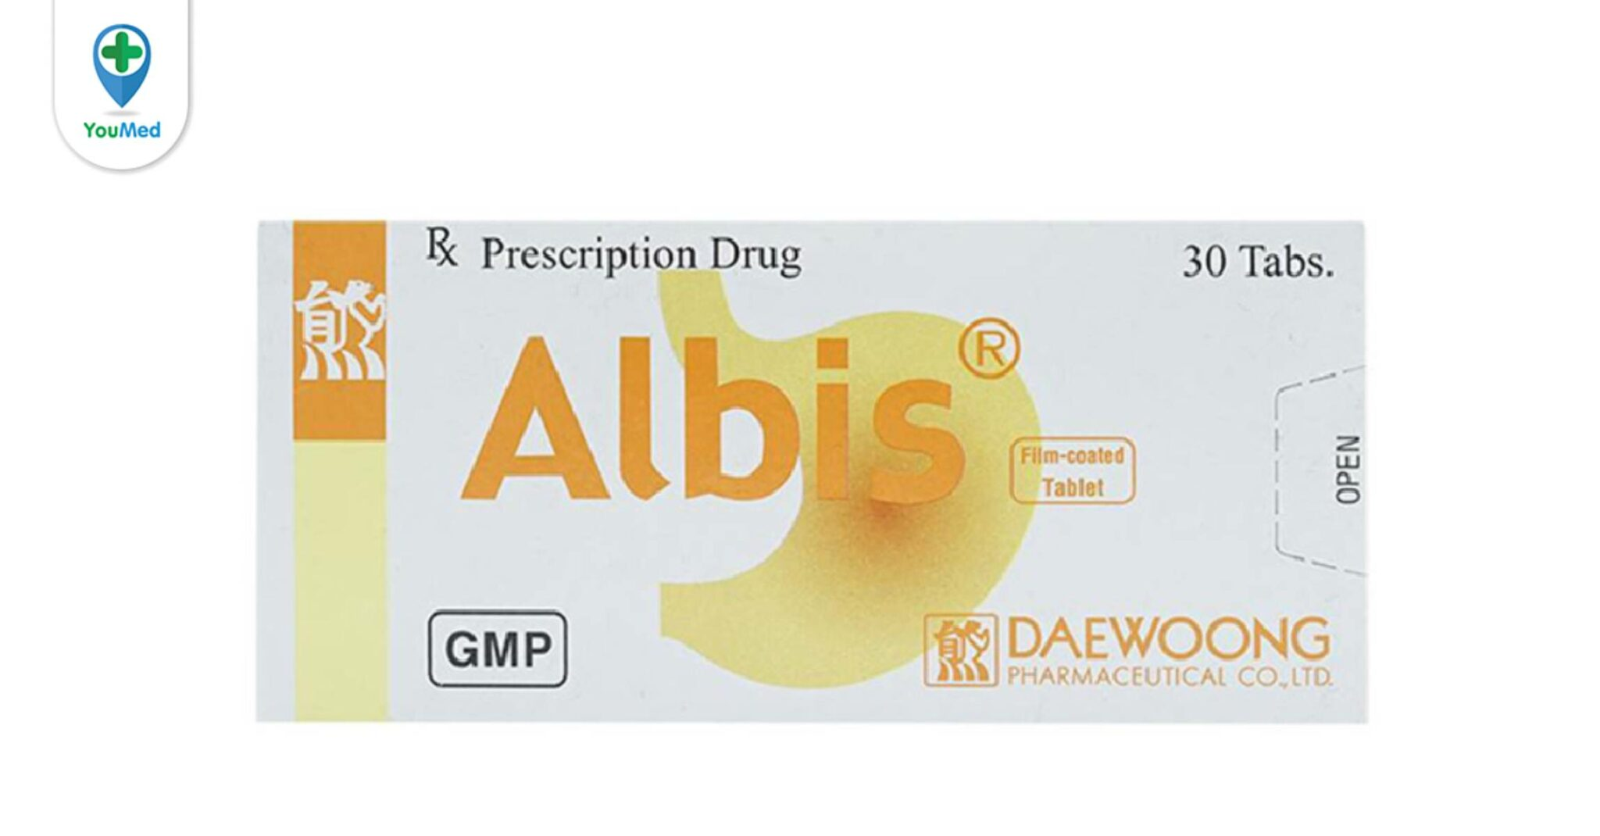 Thuốc Albis trị bệnh gì? giá, cách dùng hiệu quả và những điều lưu ý